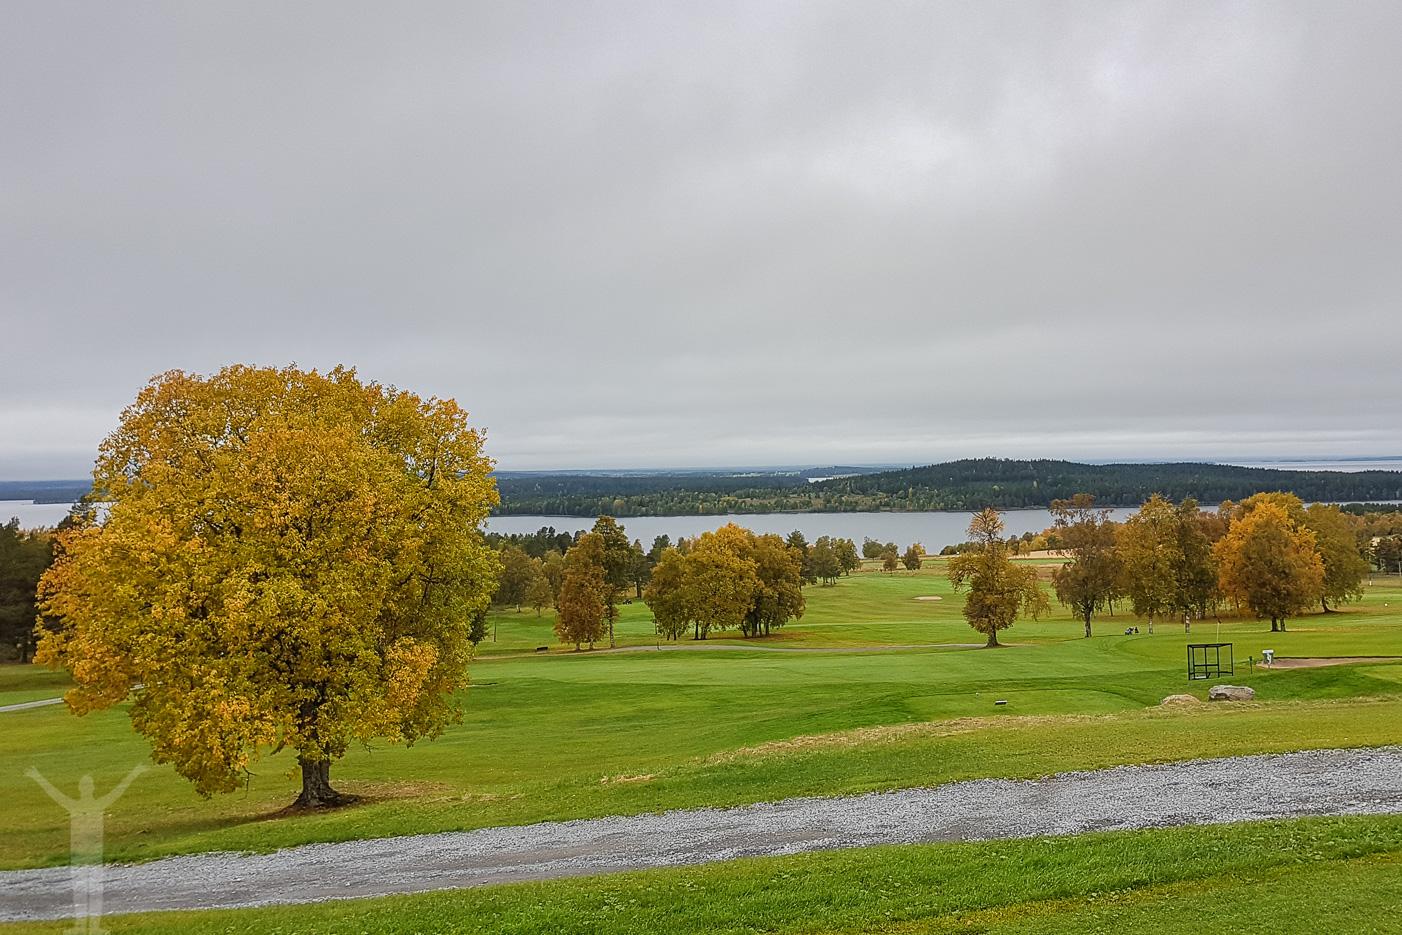 Golfbanan på Frösön med fantastisk utsikt